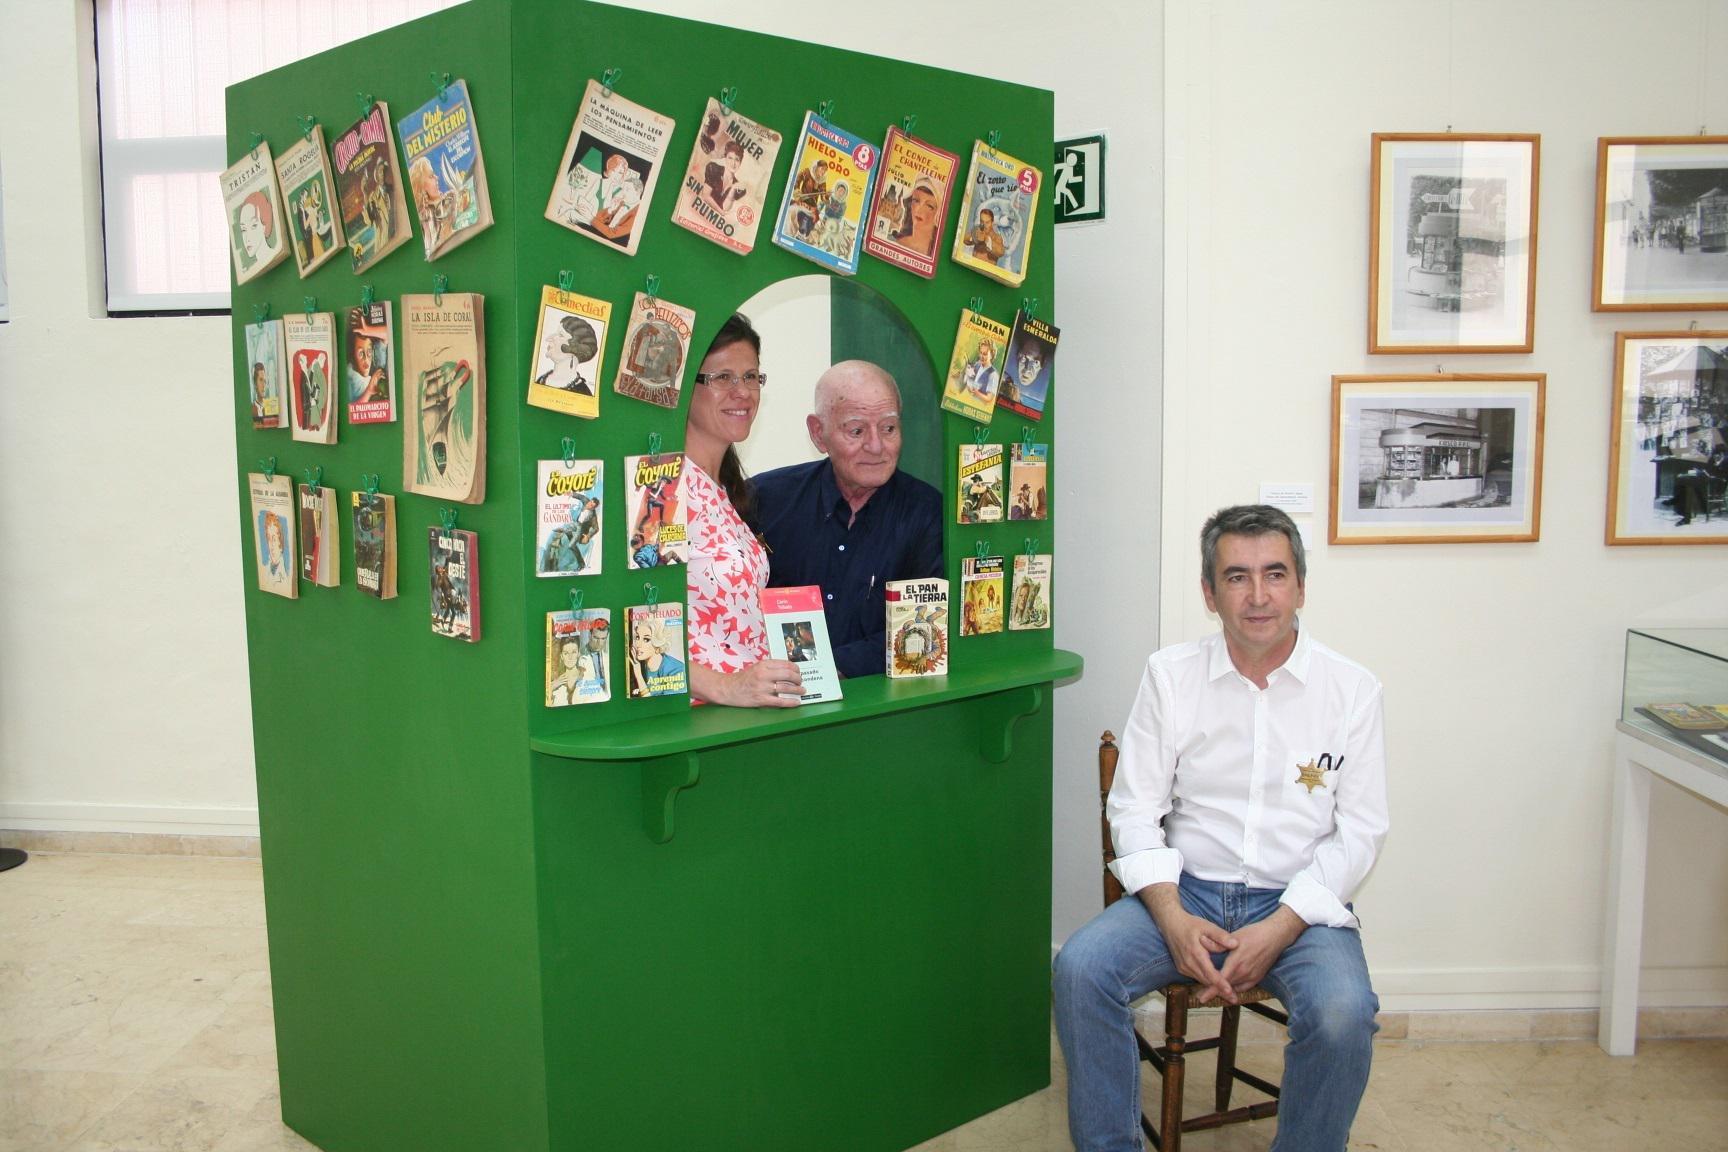 La Biblioteca Villaespesa acoge una exposición del Museo Etnográfico de Terque sobre la 'literatura de kiosco'